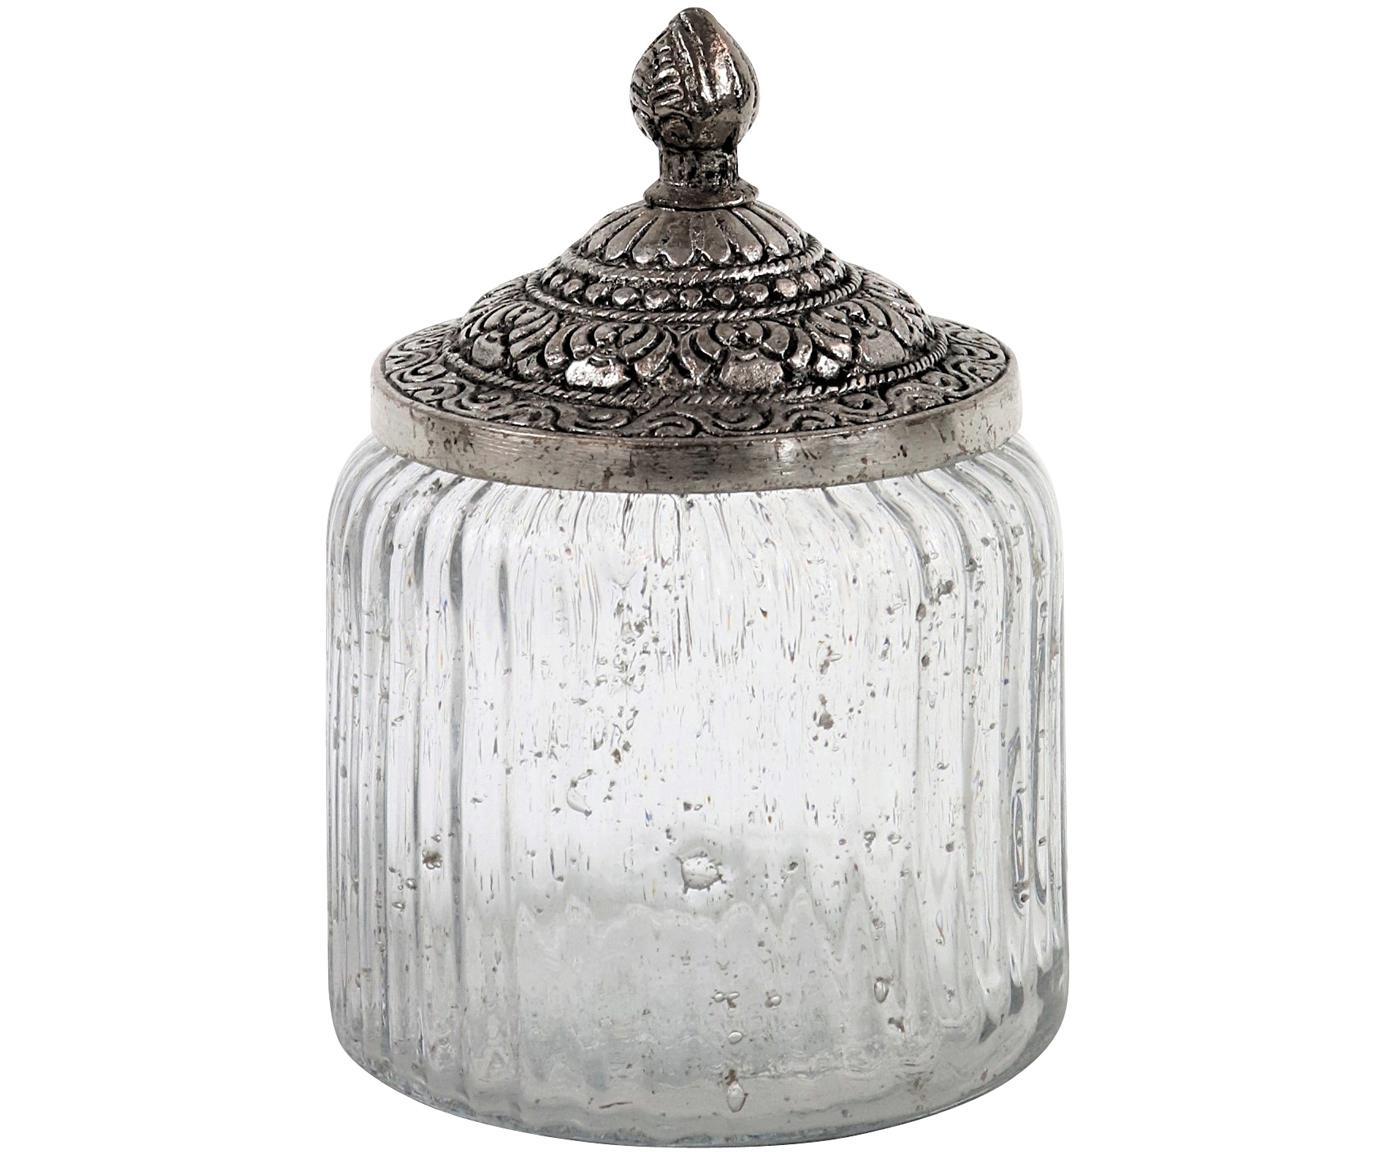 Pojemnik do przechowywania Alhambra , Transparentny, odcienie srebrnego, Ø 10 x W 15 cm